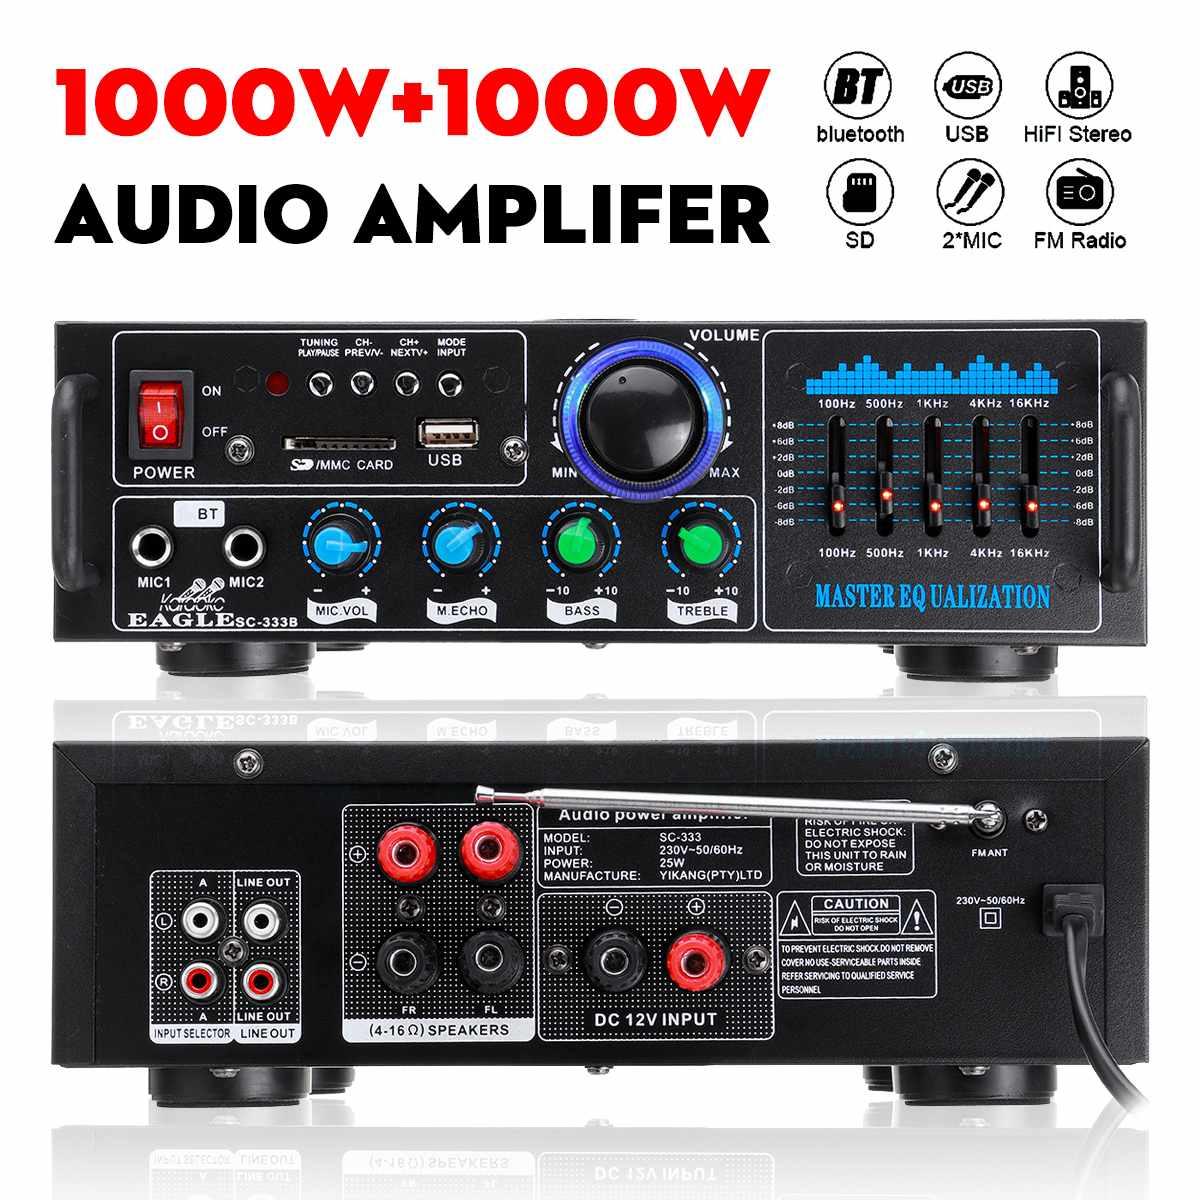 2000 واط 2CH بلوتوث مكبر صوت استيريو الصوت المحيطي EQ خلاط السينما المنزلية كاريوكي التحكم عن بعد USB SD أمبير FM AUX 2 Mic المدخلات